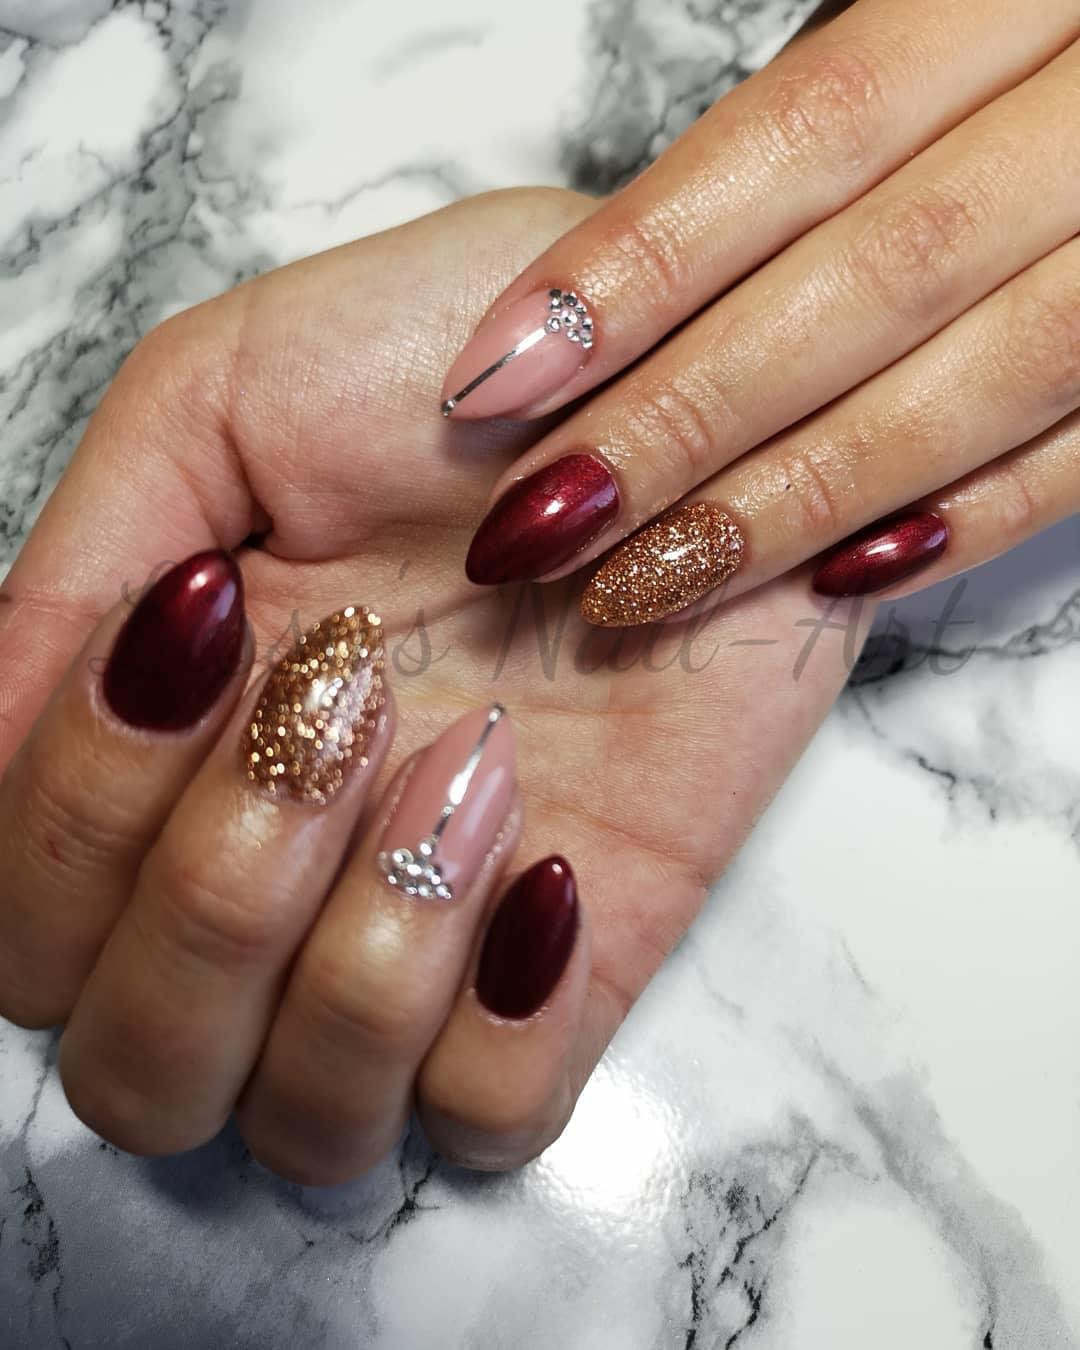 stylish acrylic nail design ideas 2019 8 - Stylish Acrylic Nail Design Ideas 2019